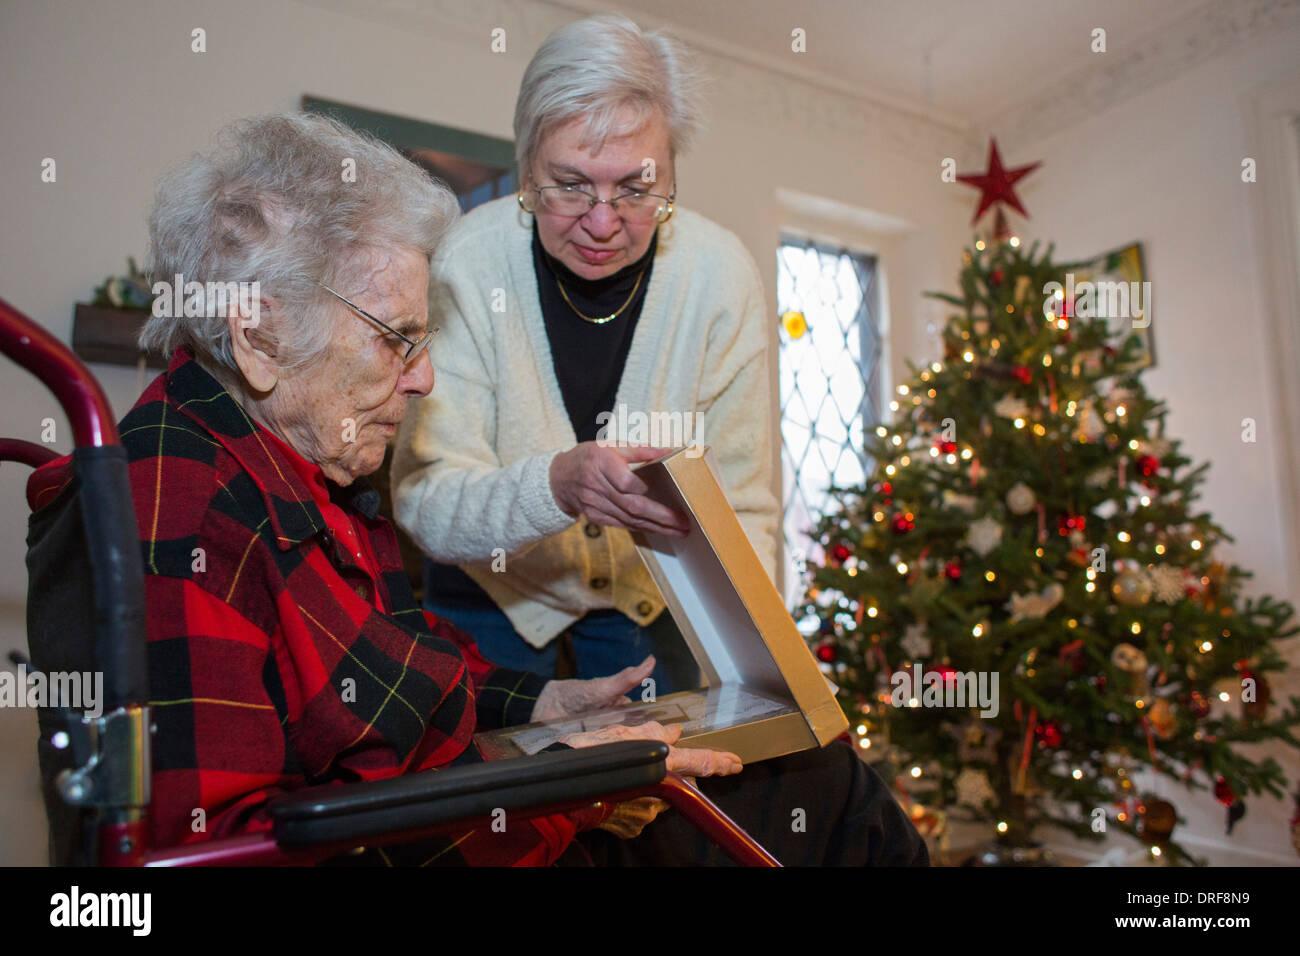 Detroit, Michigan - Dorothy Newell, 99, ouvre un cadeau de Noël avec l'aide de sa fille, Susan Newell, 65 ans. Photo Stock